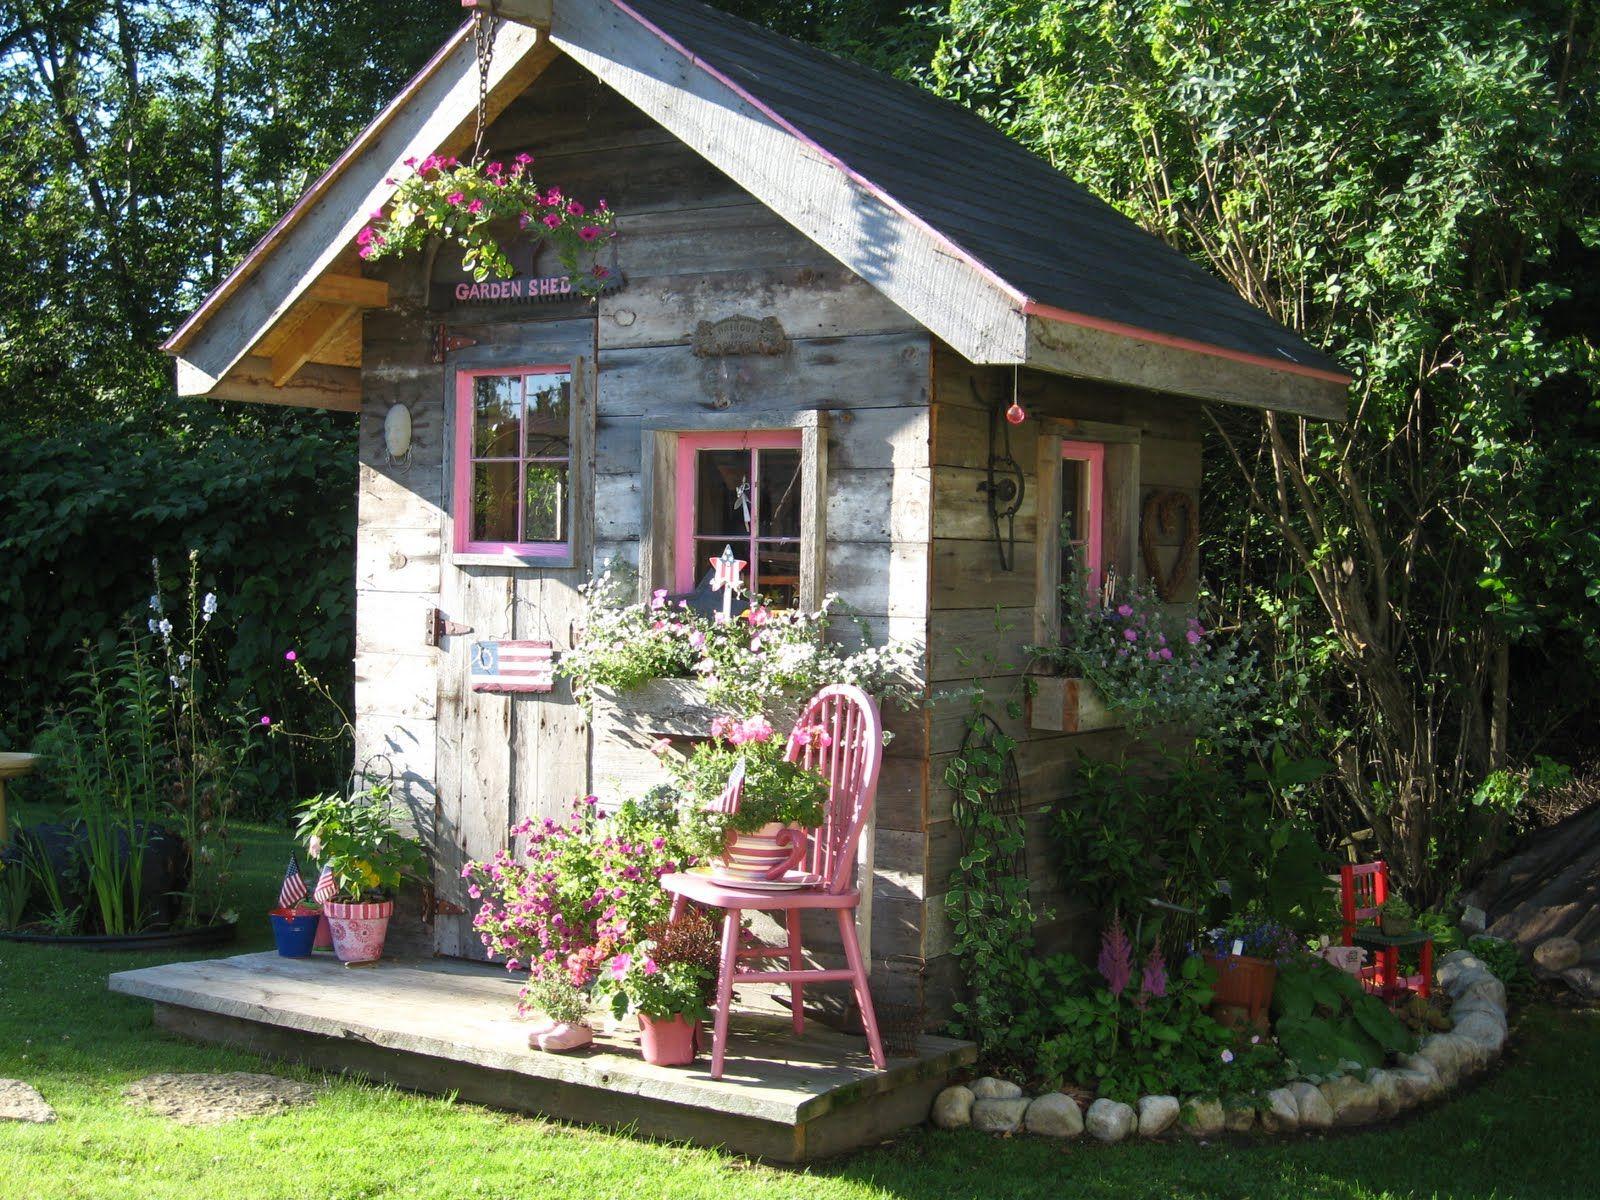 Cute Garden Shed ~ Love The Pink | Chalet De Jardin ... intérieur Construire Une Cabane De Jardin